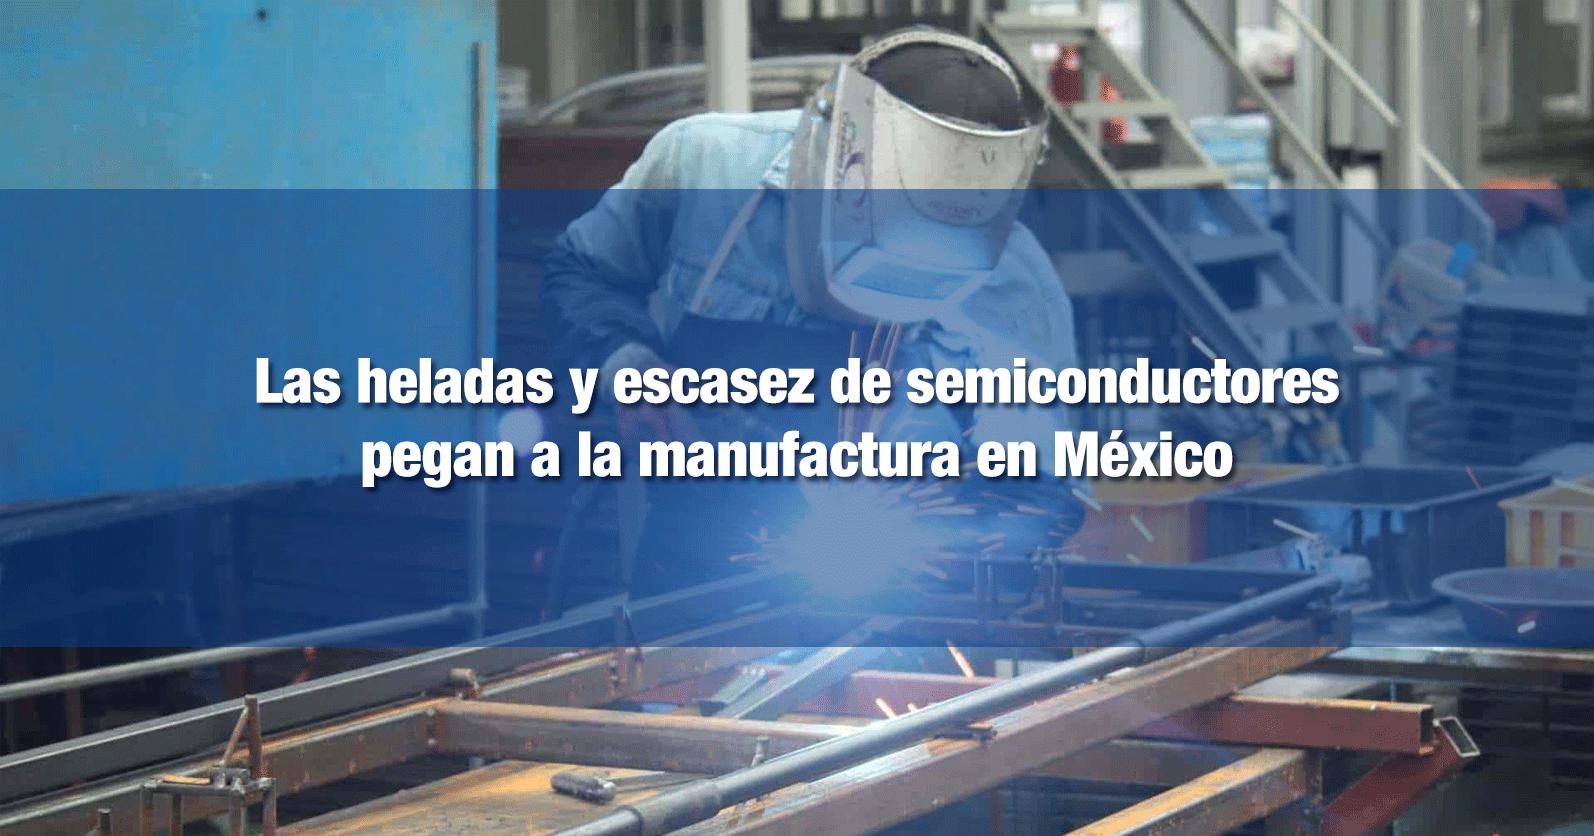 Las heladas y escasez de semiconductores pegan a la manufactura en México